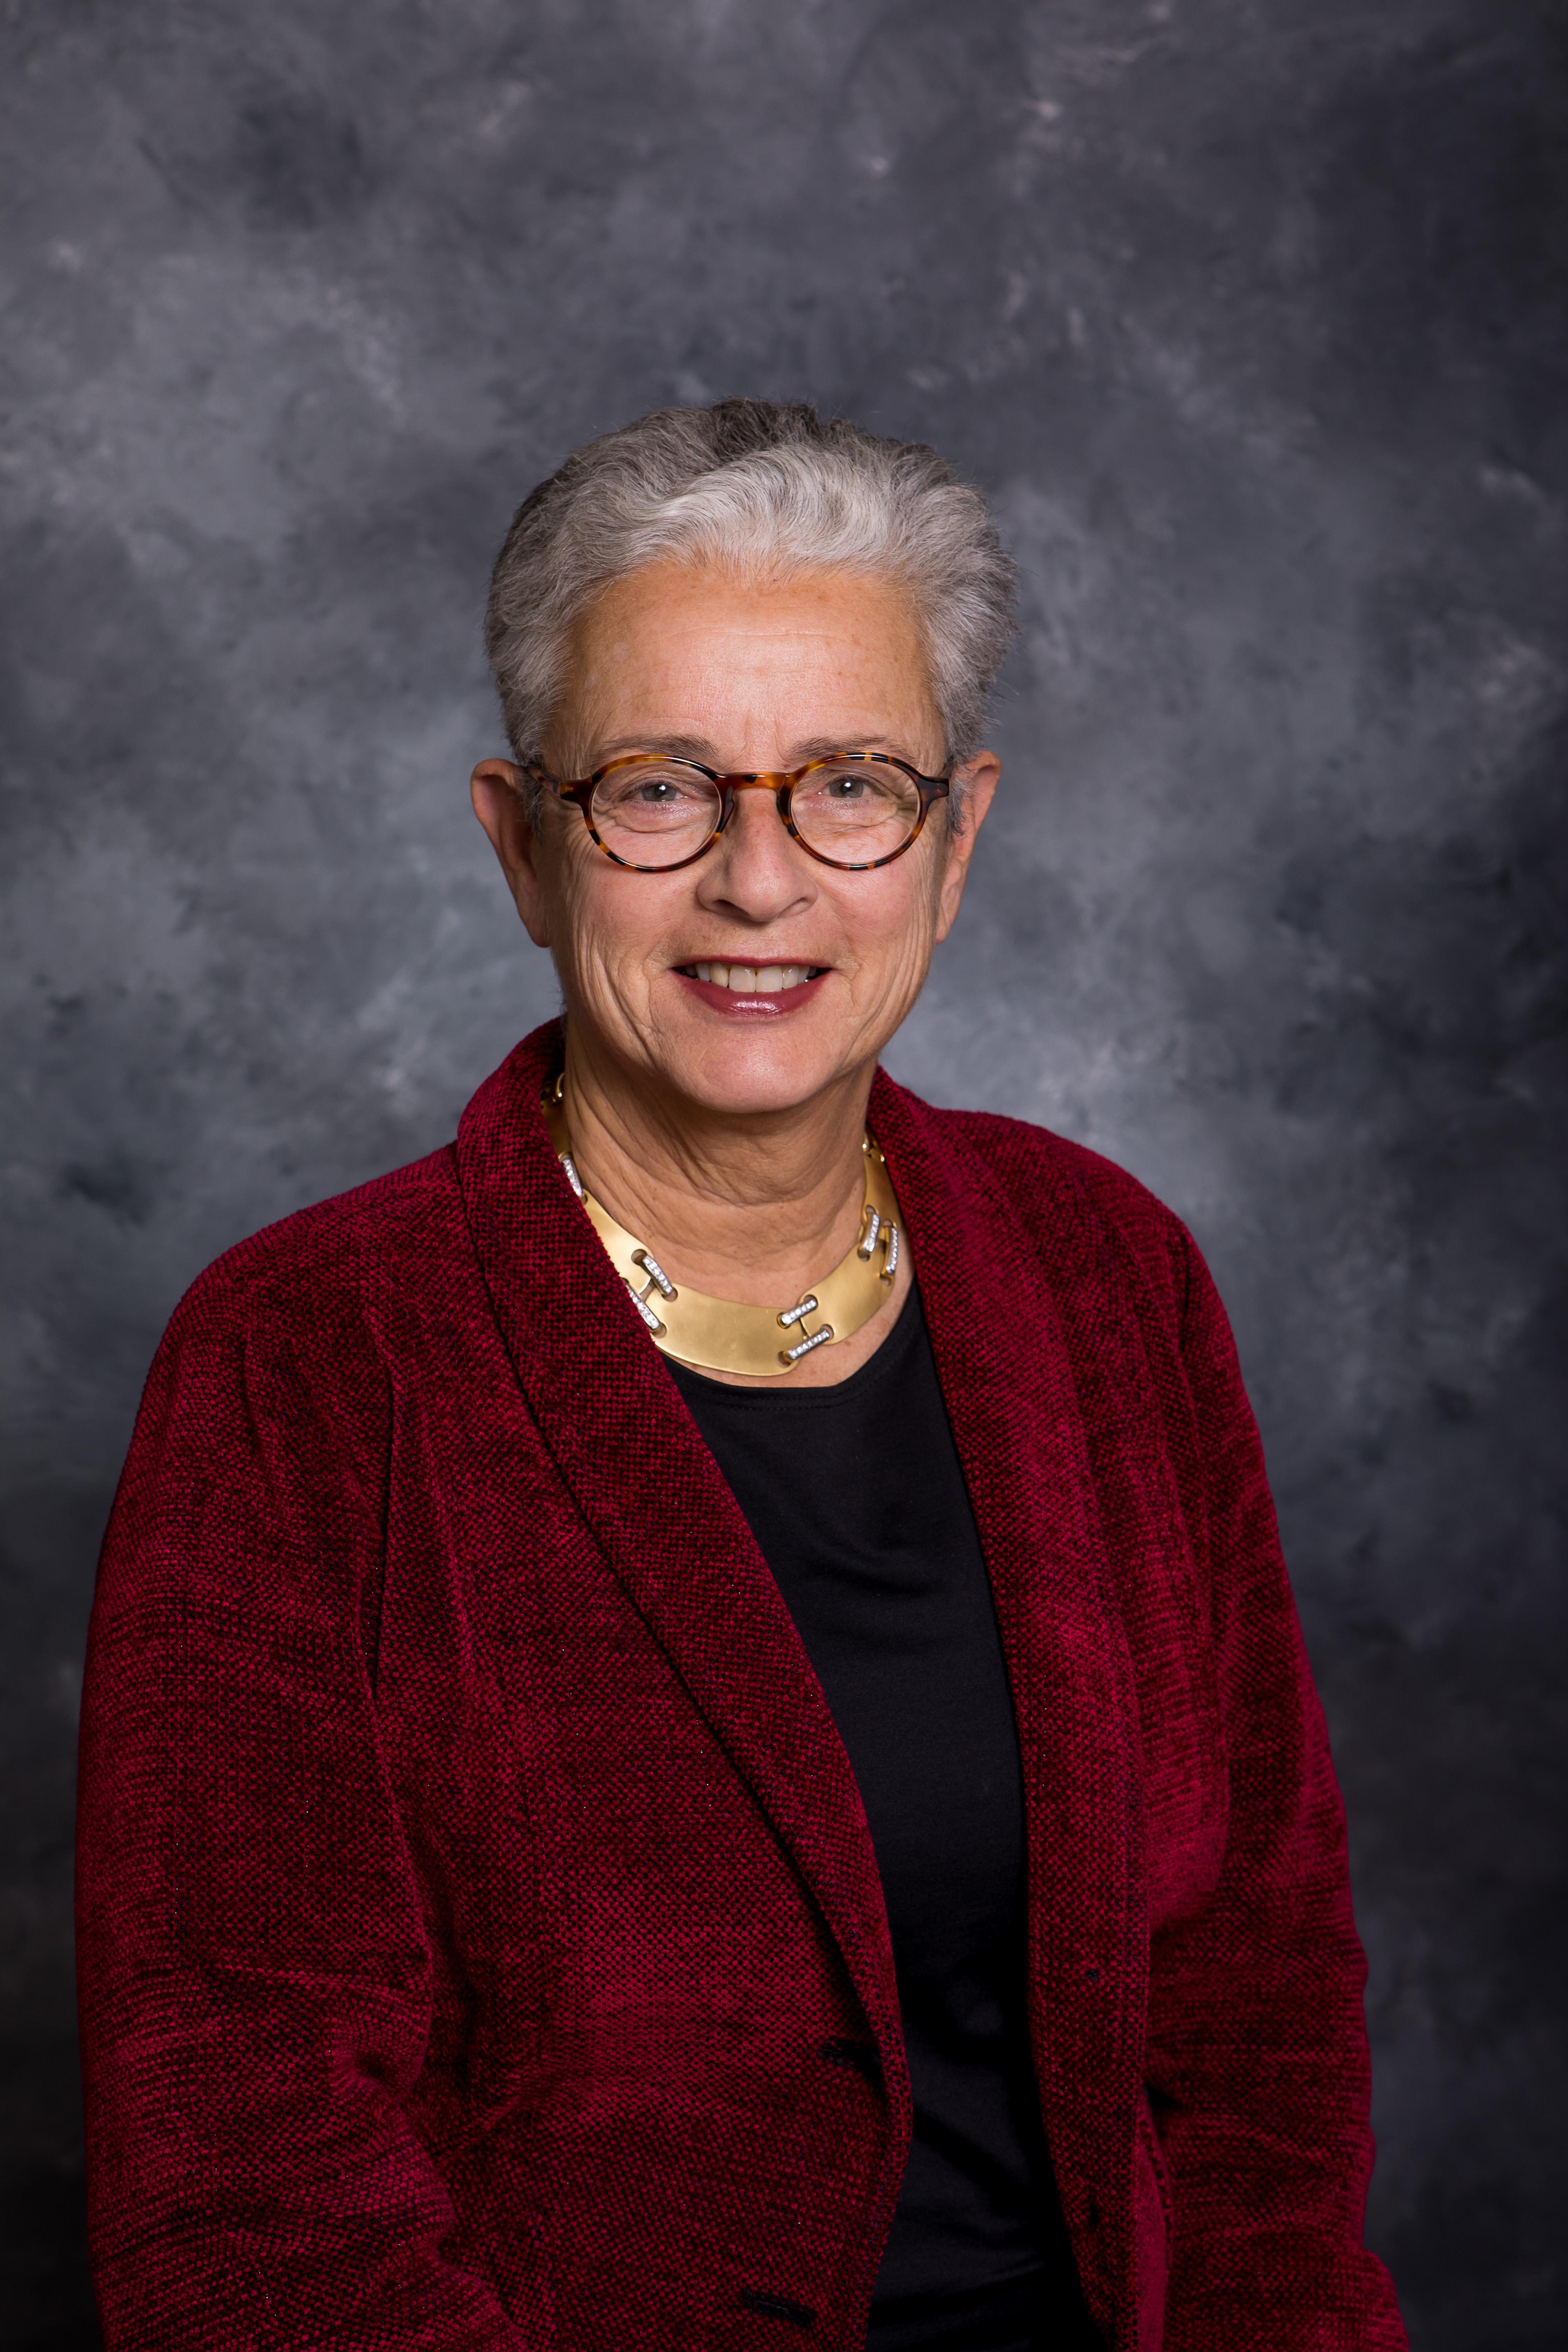 Jackie Rosenthal